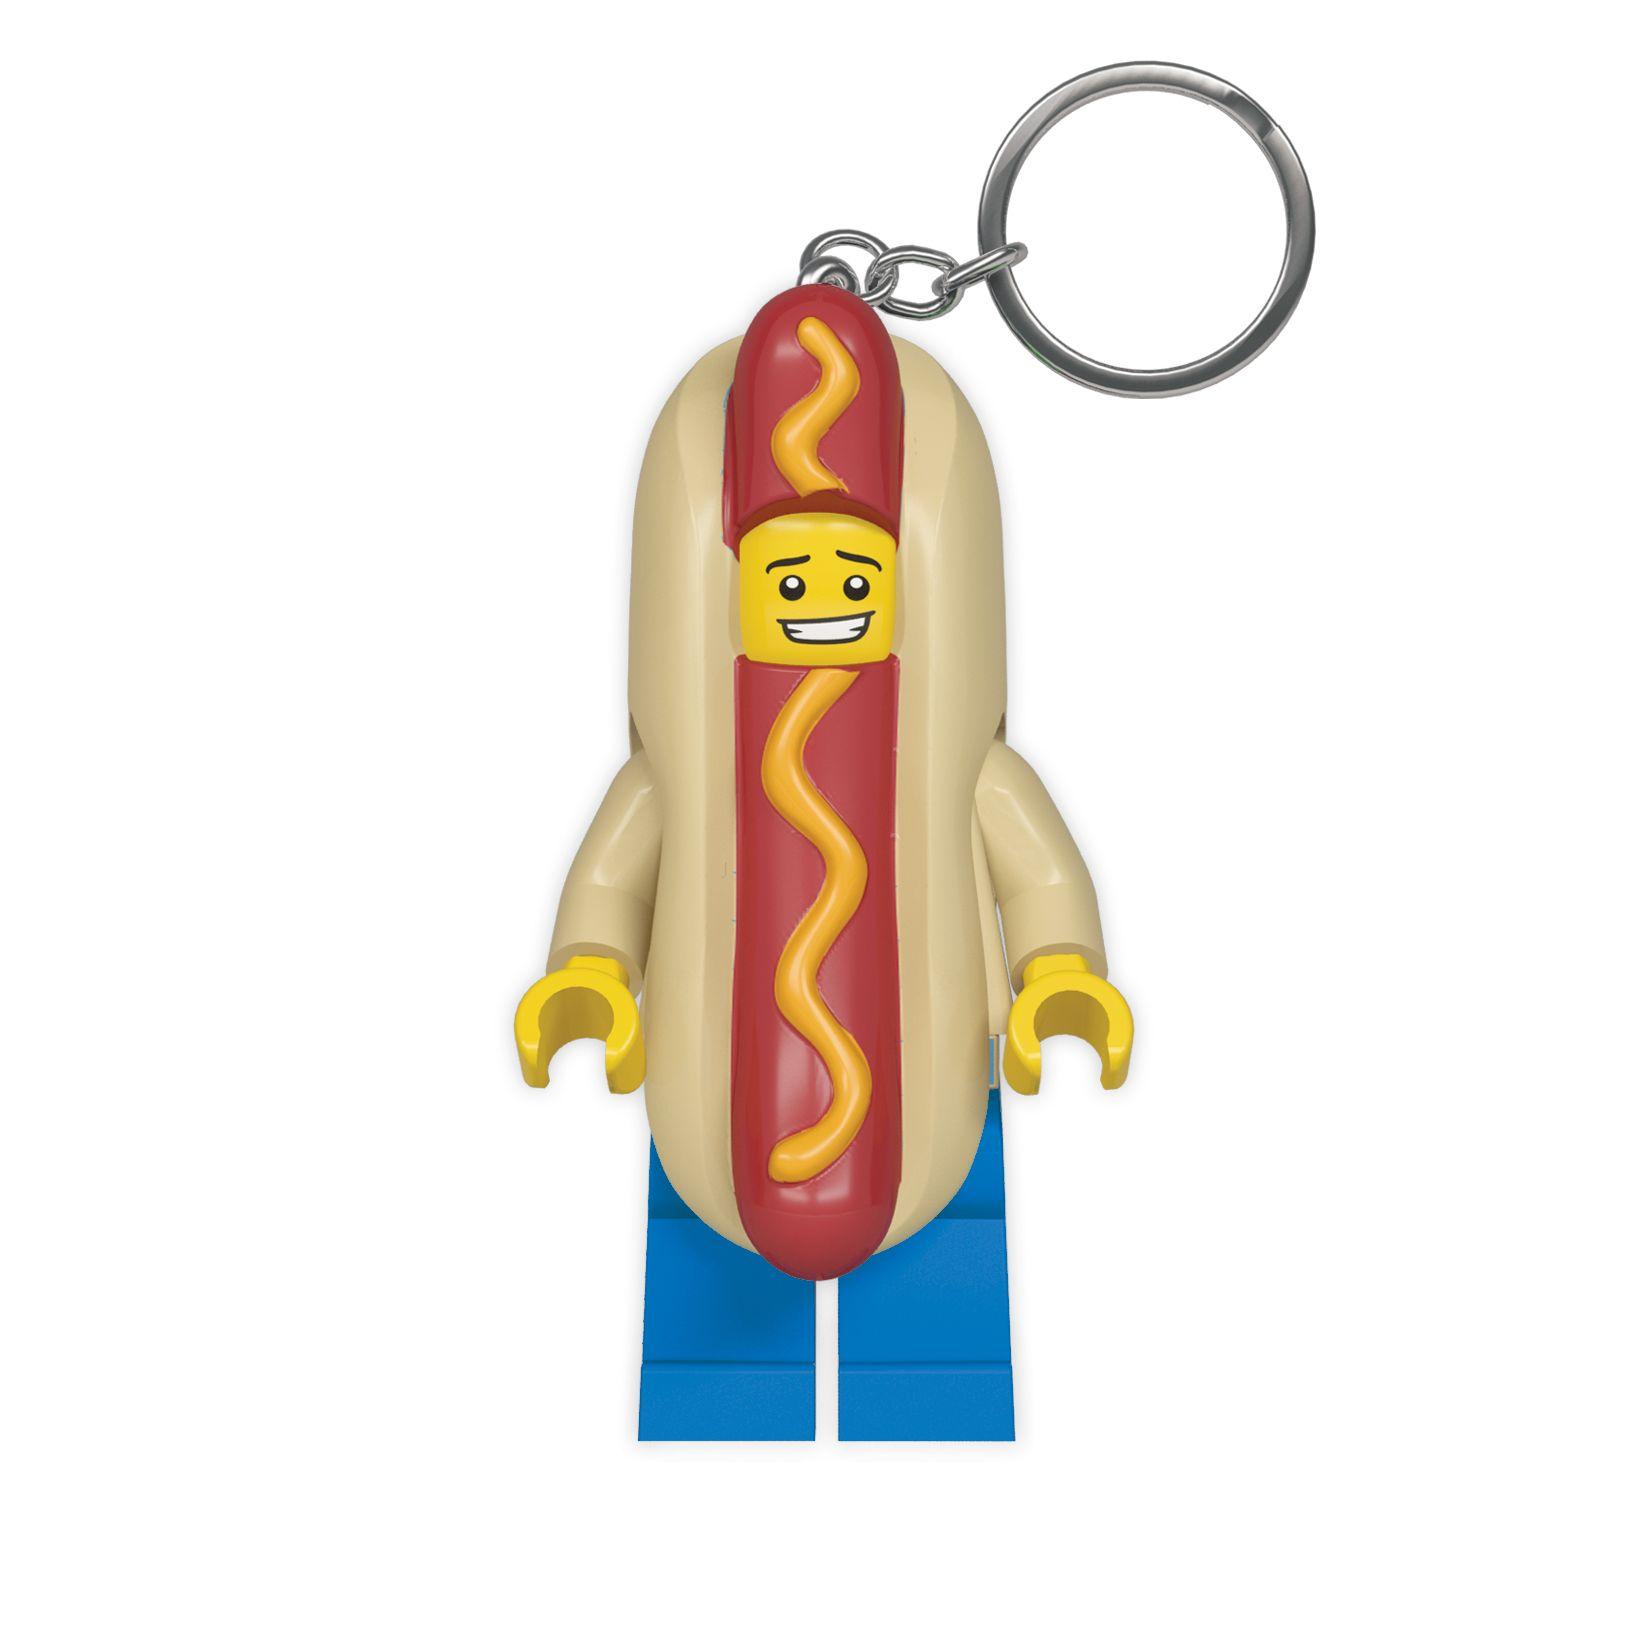 誠品書店 「LEGO鑰匙圈燈」系列 